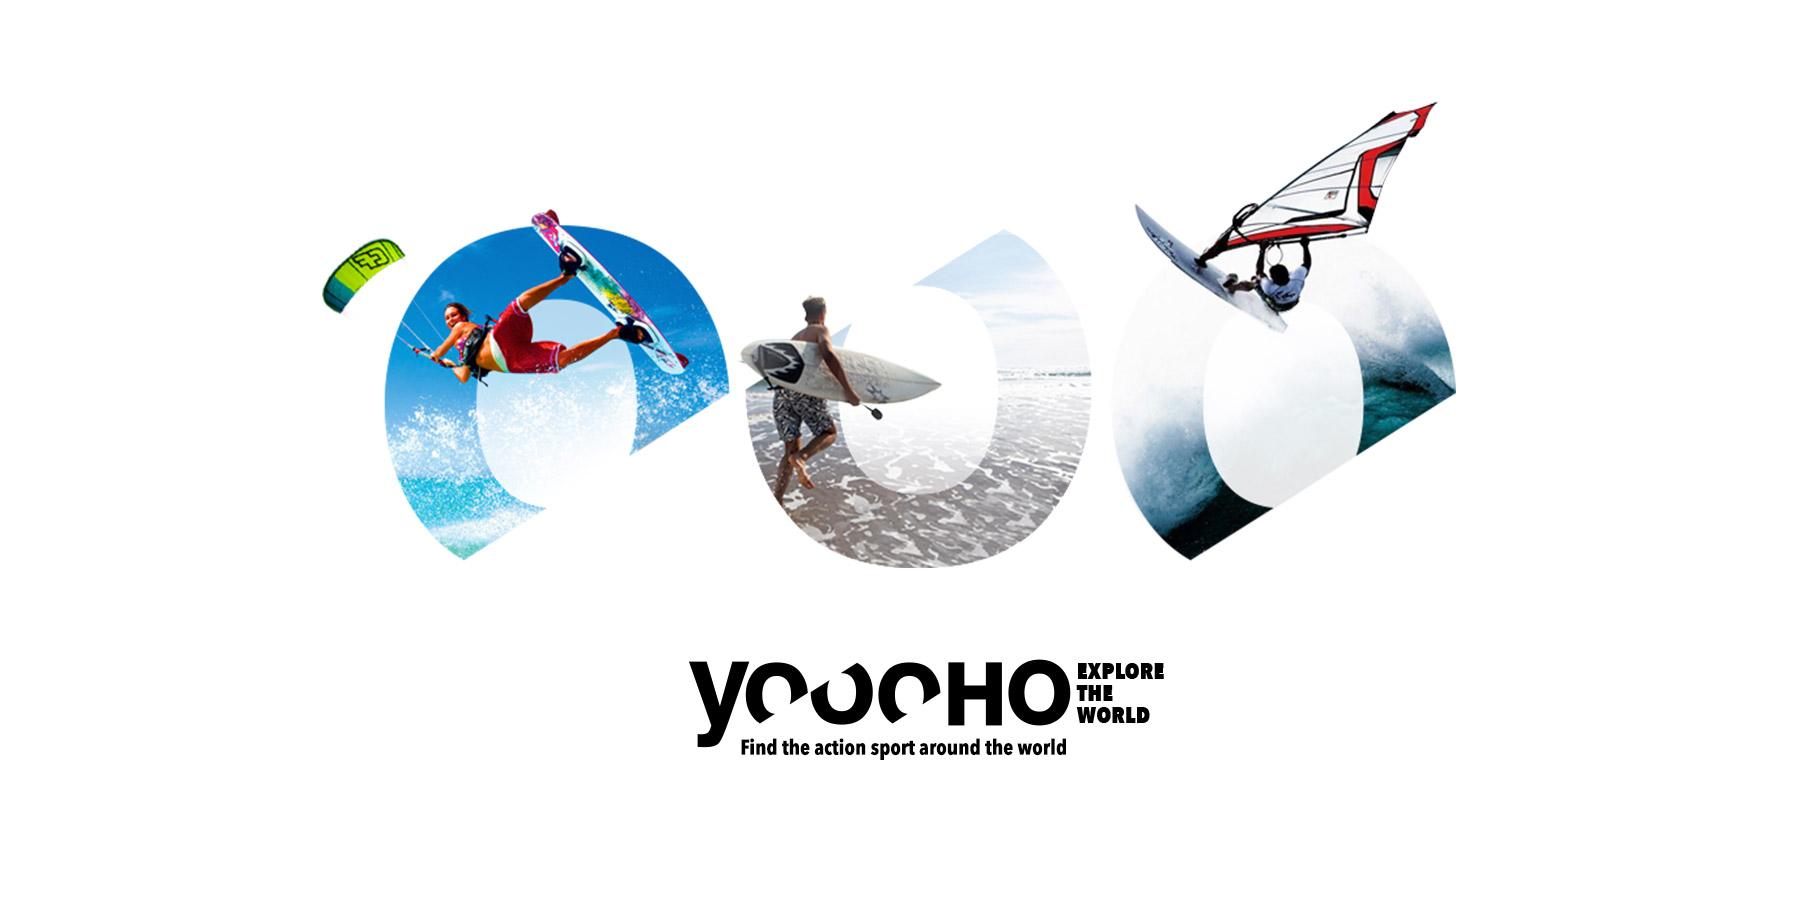 BANNER_yoooho01